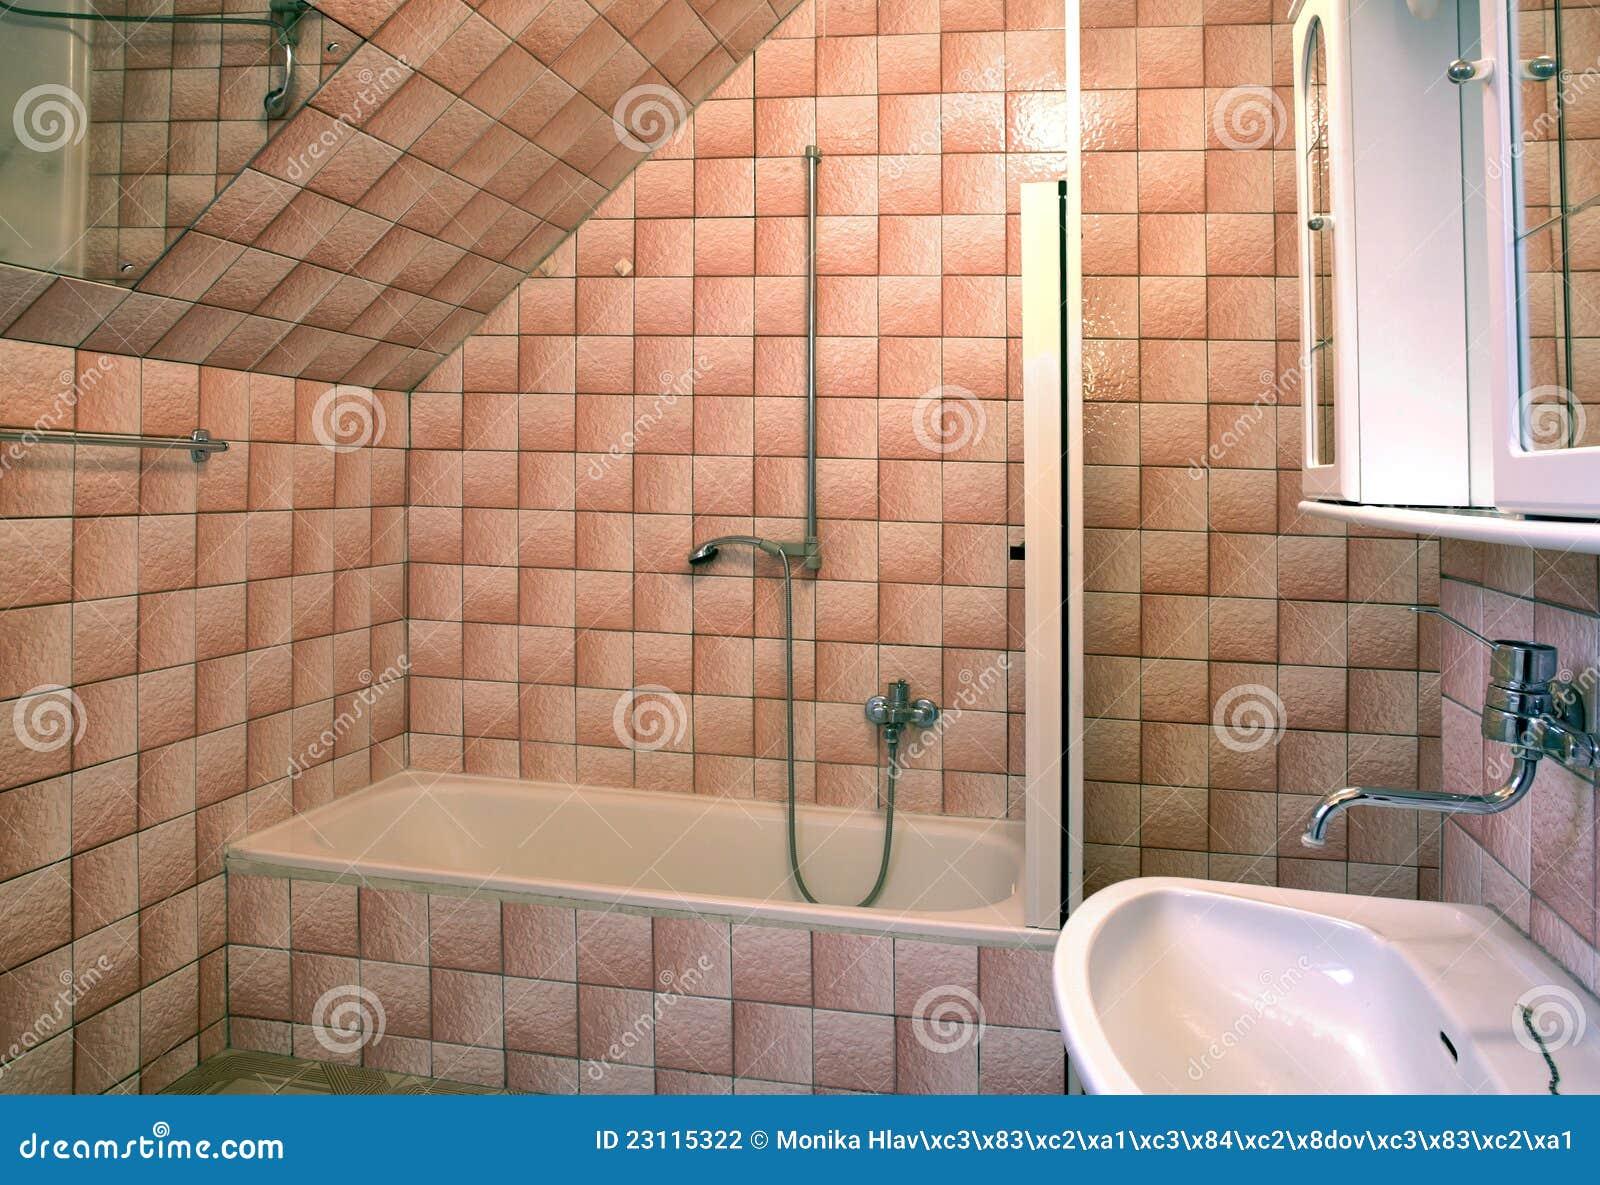 Altes Badezimmer Stockfoto. Bild Von Niemand, Tiled, Wanne